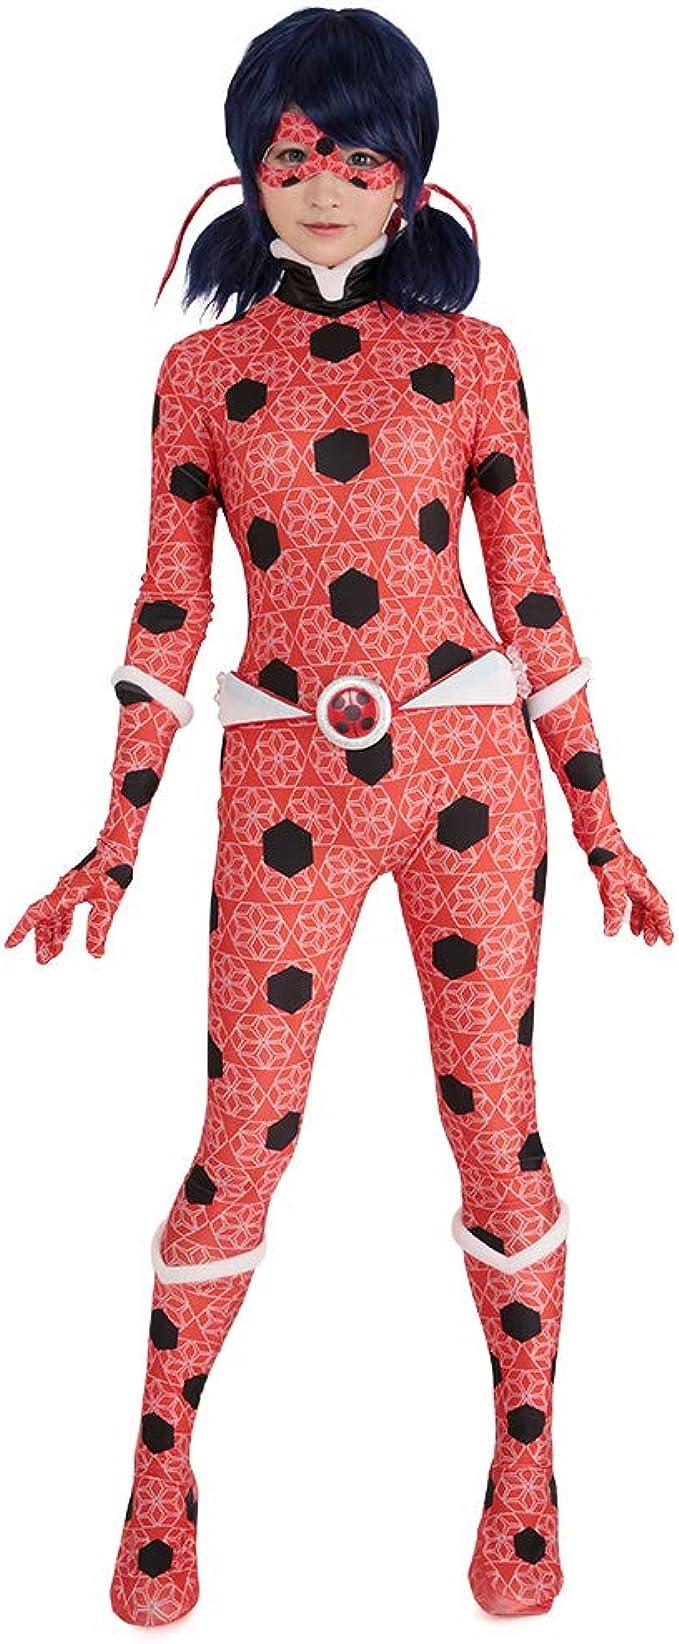 Amazon.com: Cosplay.fm - Traje para mujer con diseño de ...